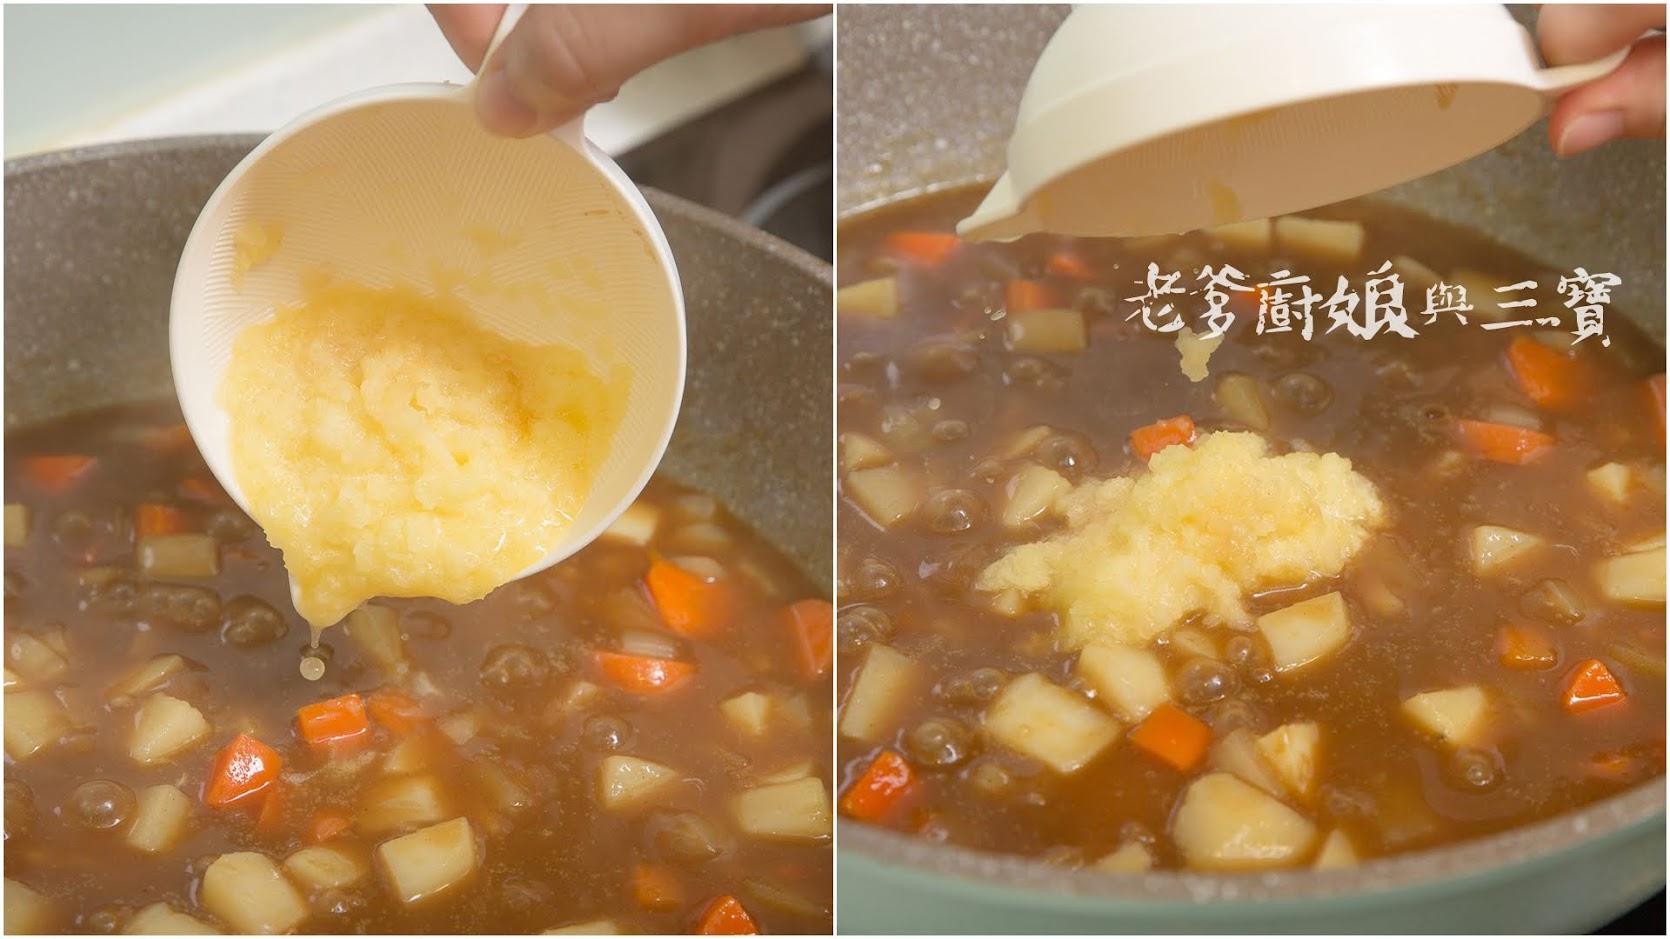 假日解封前來場咖哩之戀吧!品嚐S&B正宗日式咖哩,即使在家也可以享受日本道地口味